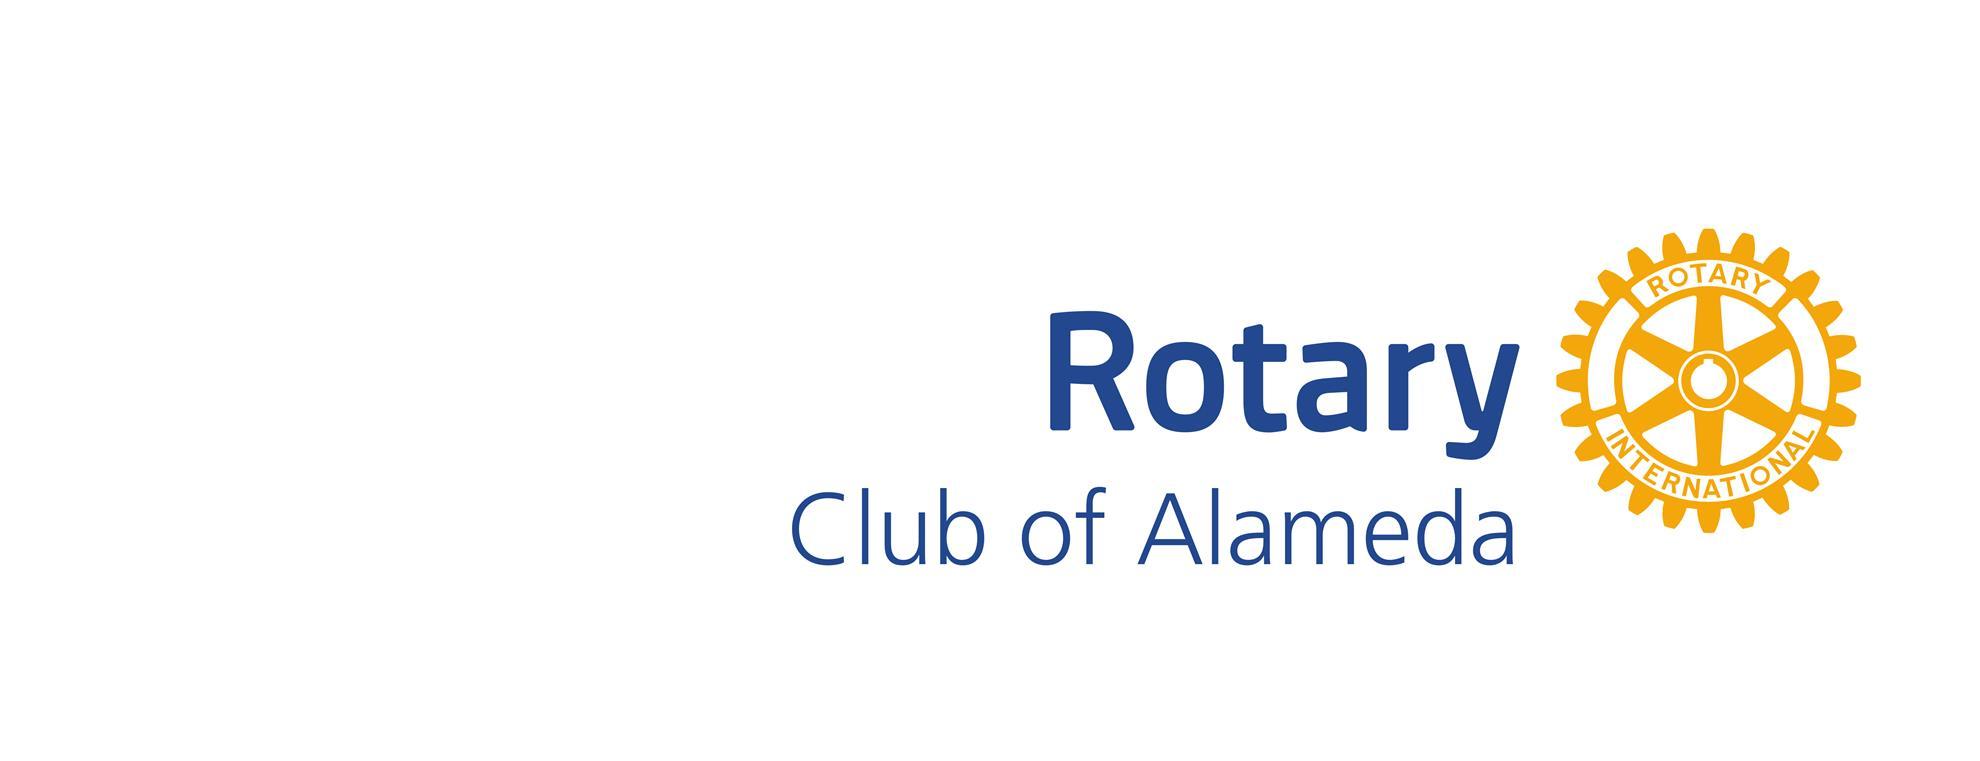 Rotary Club of Alameda